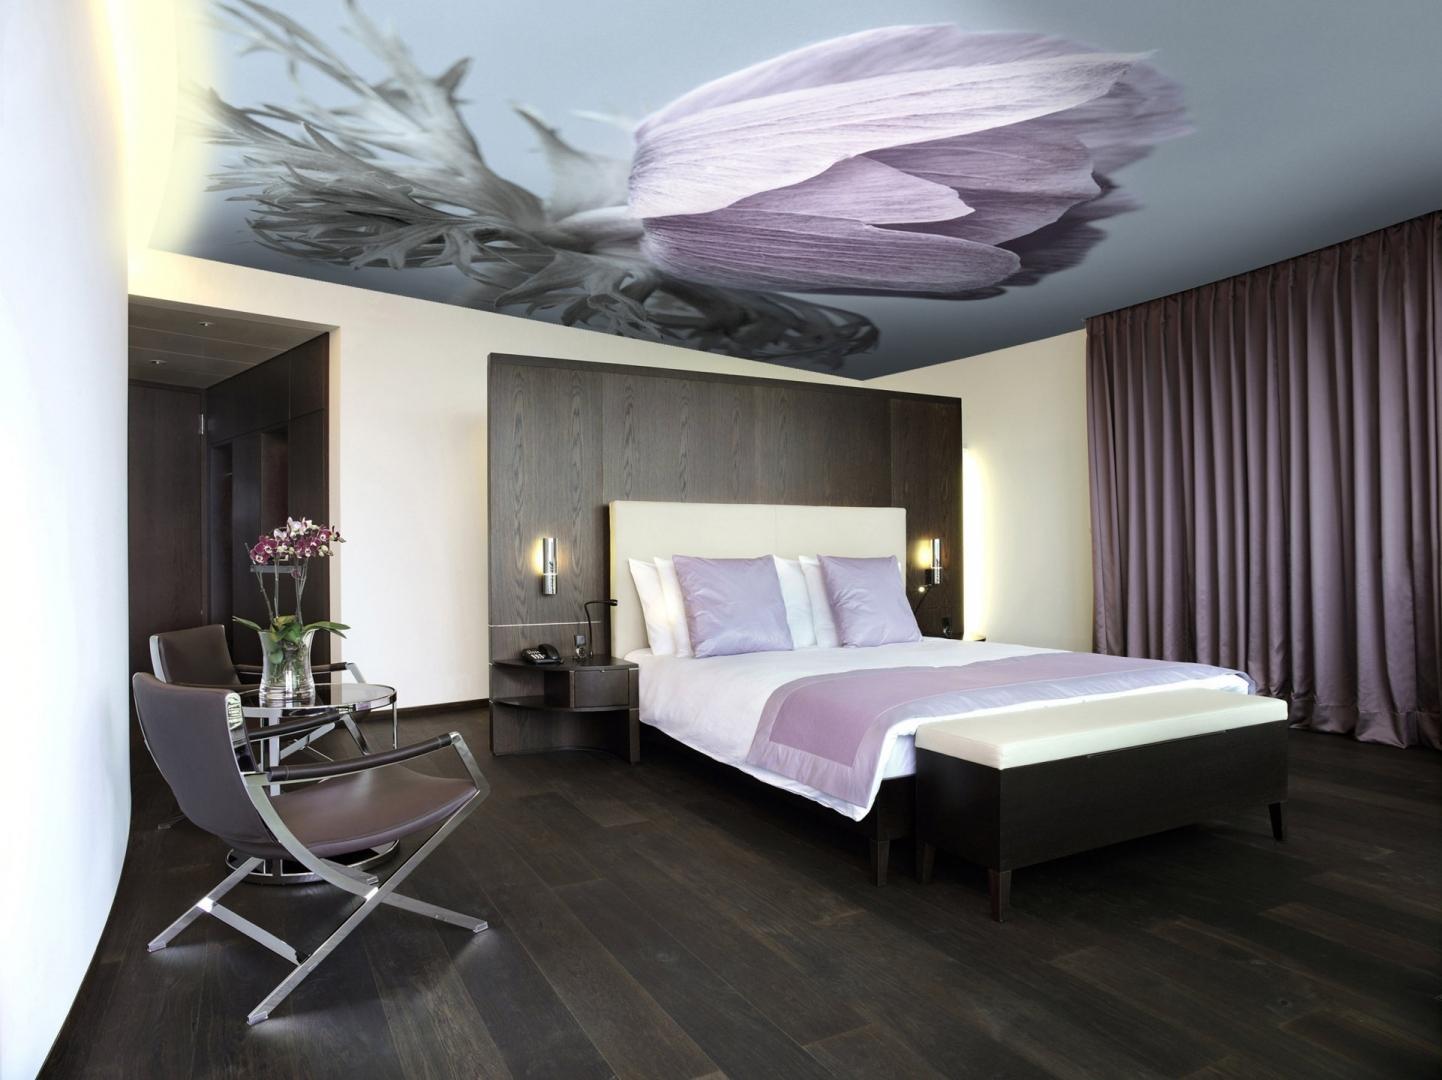 чего натяжной потолок с фотопечатью в спальне фото попасть комплекс новоафонских